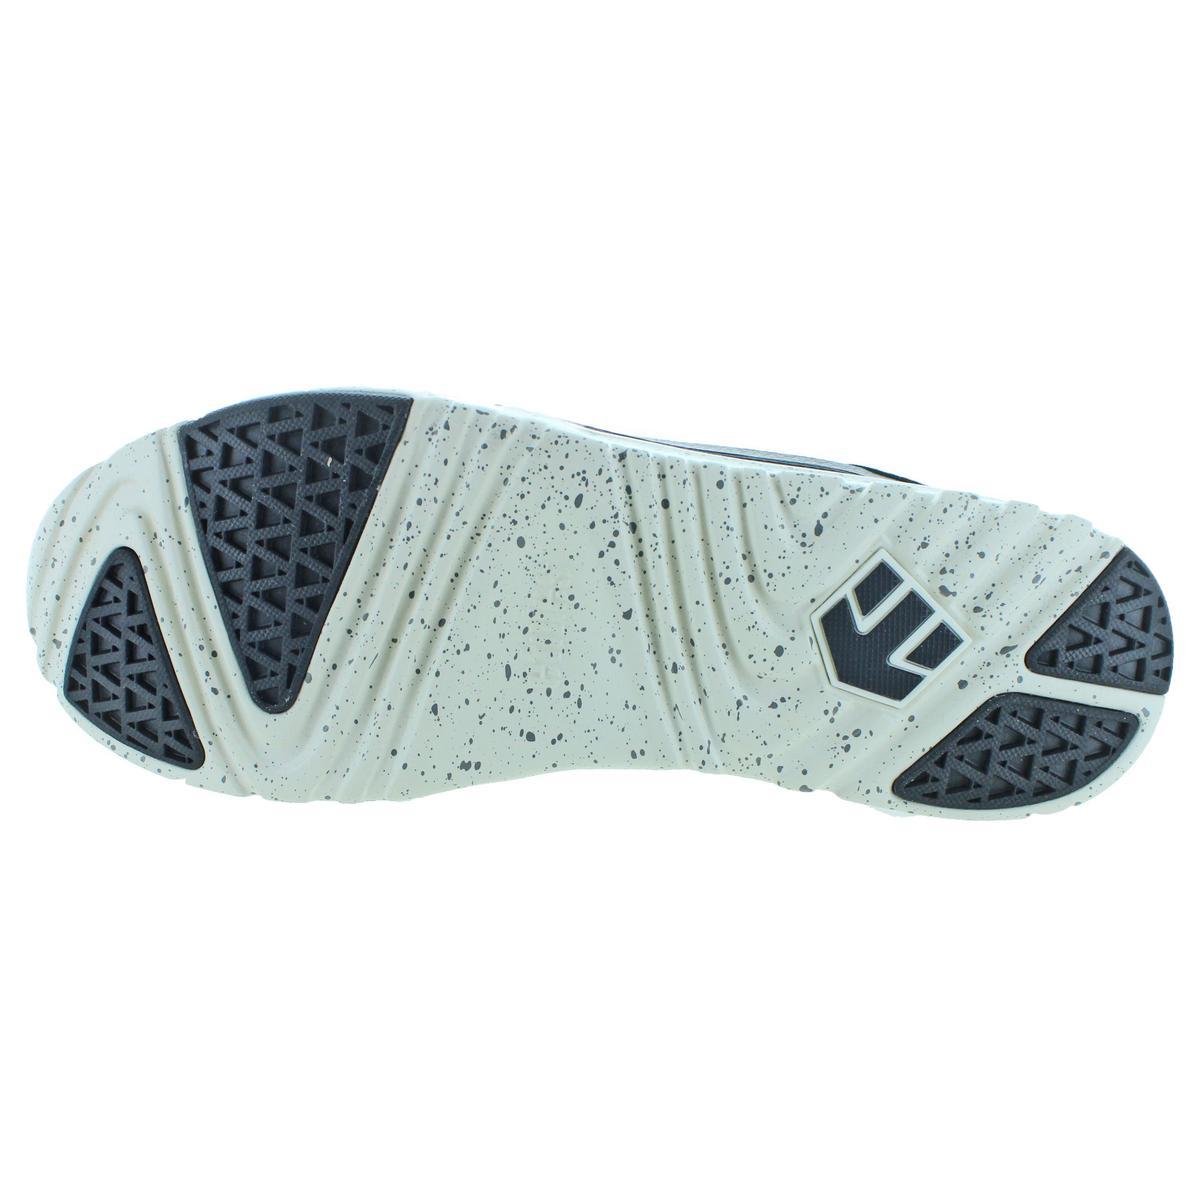 Etnies-Scout-Hommes-Leger-Athletique-Baskets-Chaussures miniature 8